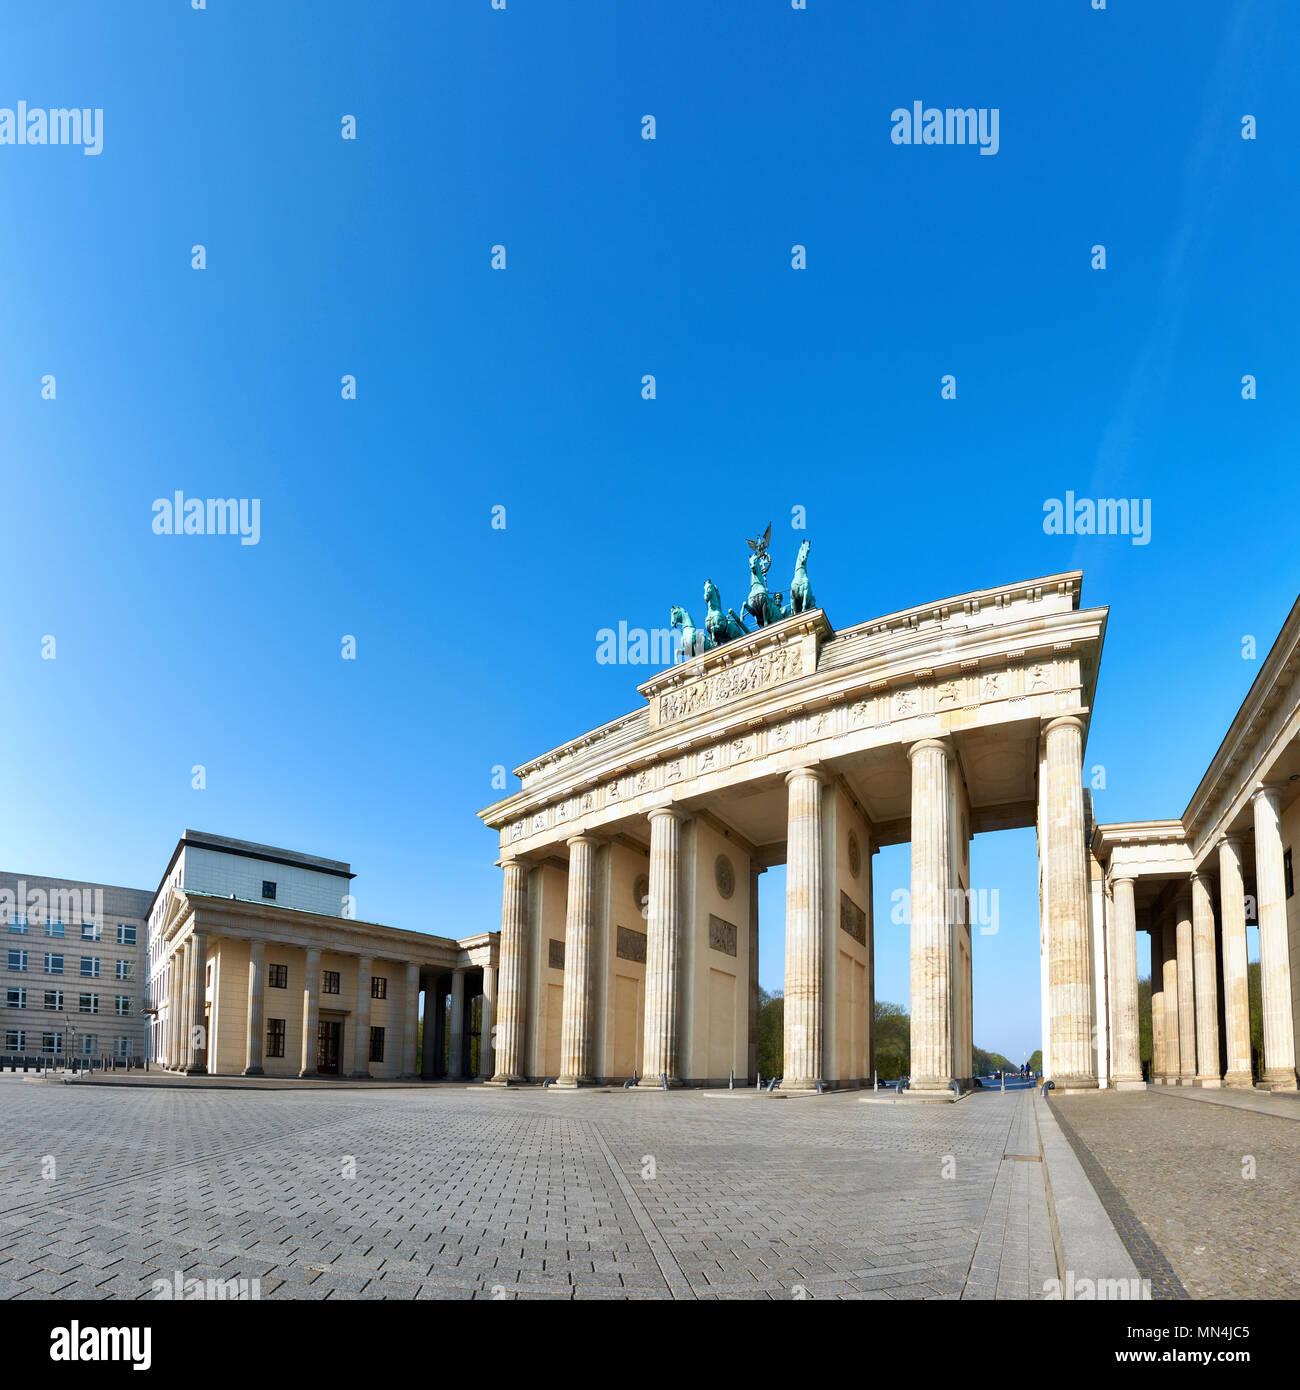 La Puerta de Brandenburgo (Brandenburger Tor) en Berlín, Alemania, en un día luminoso con el cielo azul detrás, espacio de texto Imagen De Stock